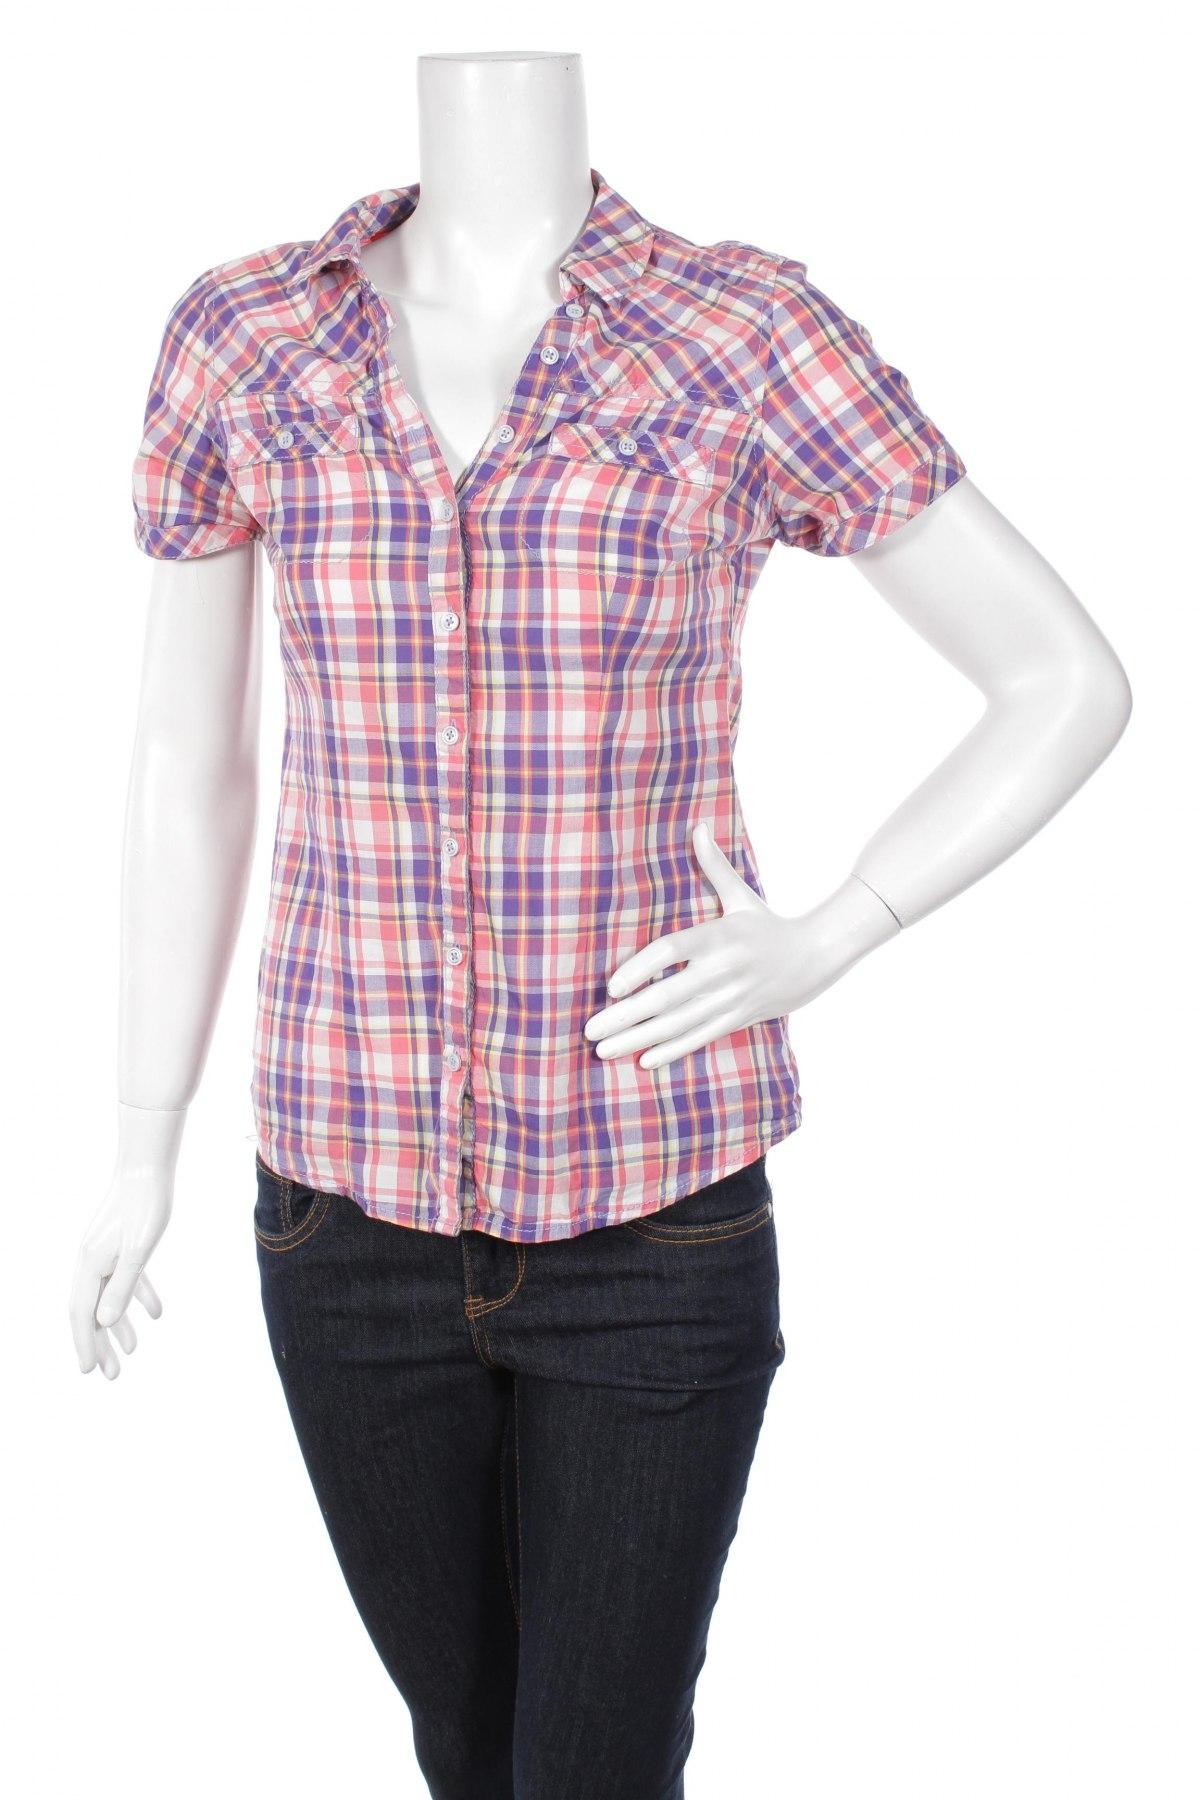 Γυναικείο πουκάμισο Clockhouse, Μέγεθος S, Χρώμα Πολύχρωμο, 100% βαμβάκι, Τιμή 9,28€